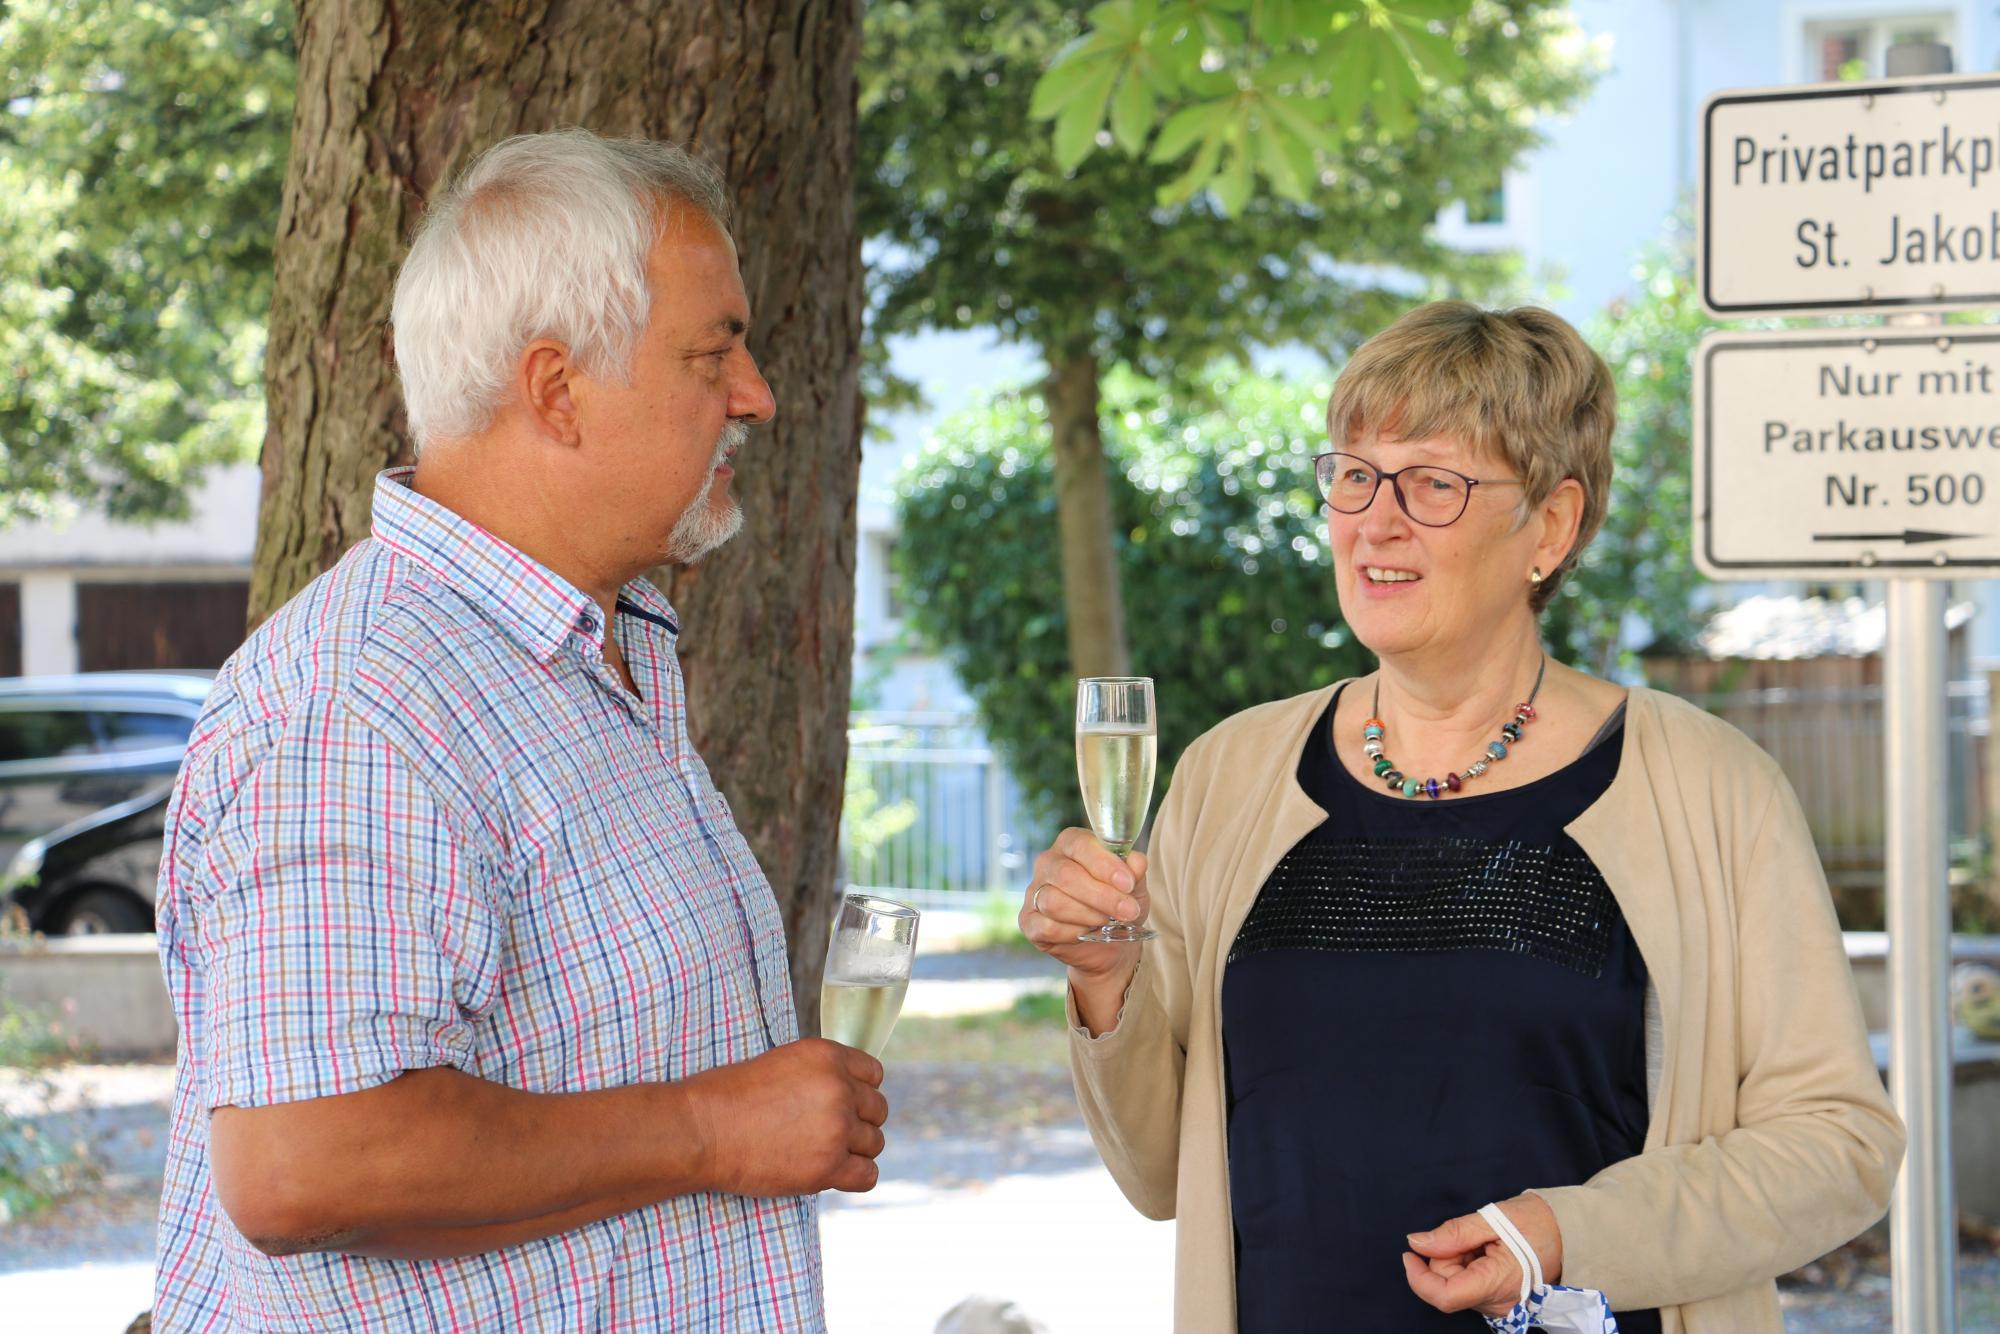 2020 07 Juli 19 Abschied Lisa Hübner in St Jakob 41